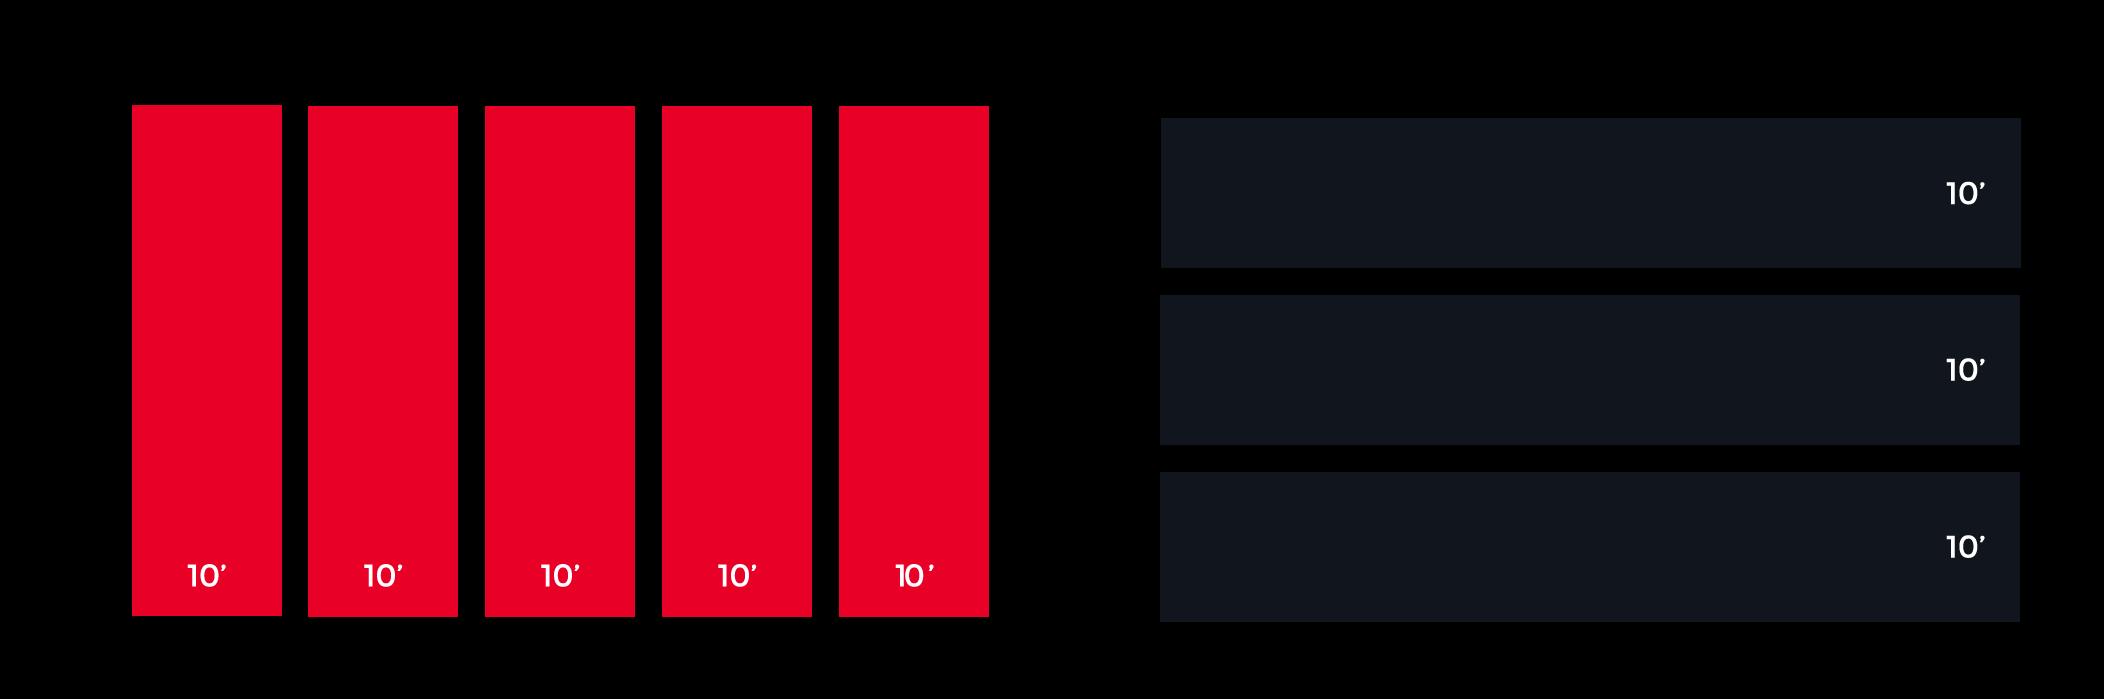 Floor Chart 10'